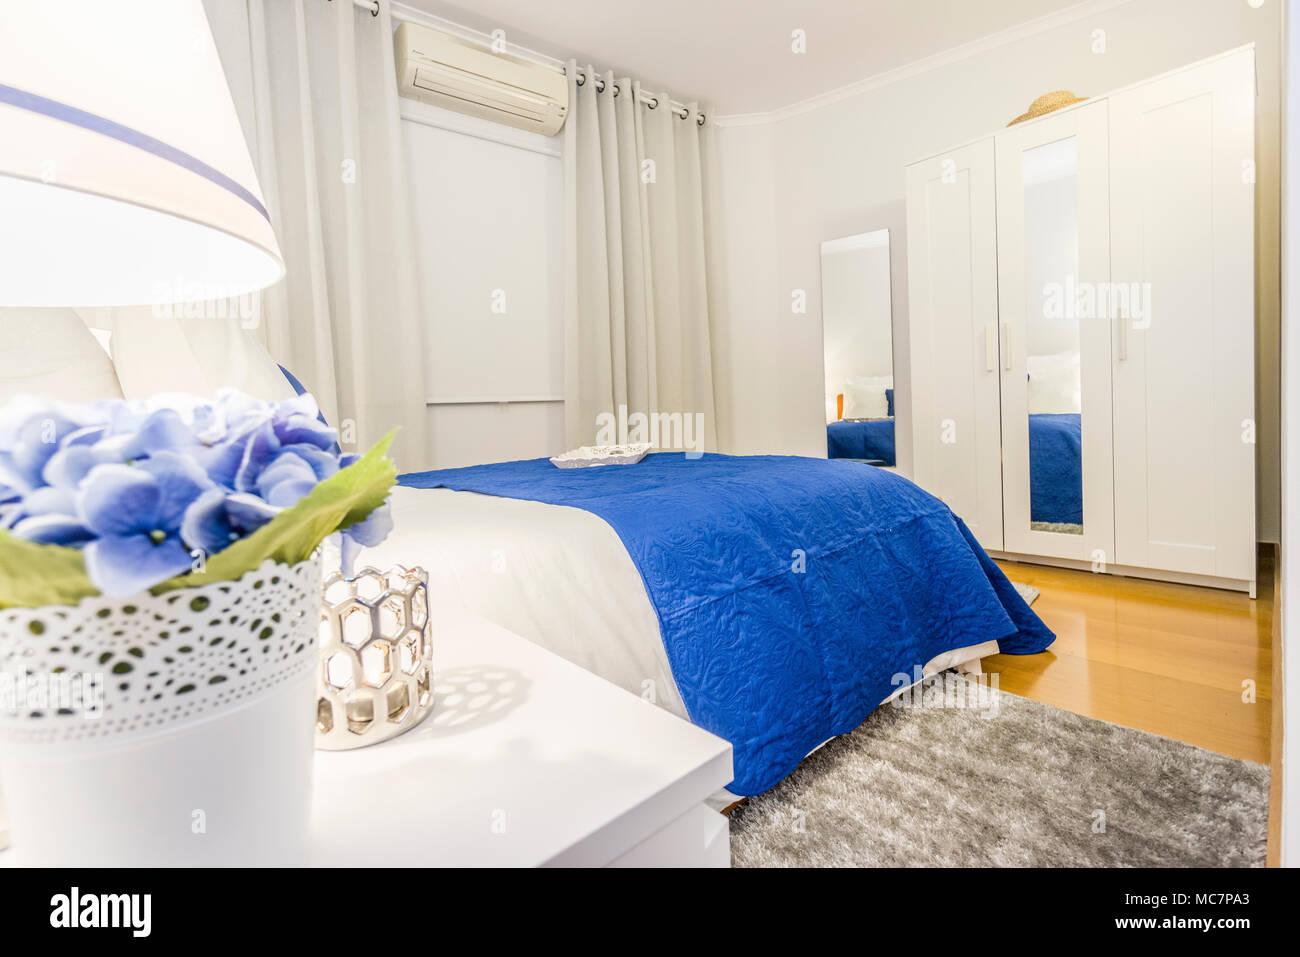 Un elegante camera da letto disposte in bianco e blu con ...